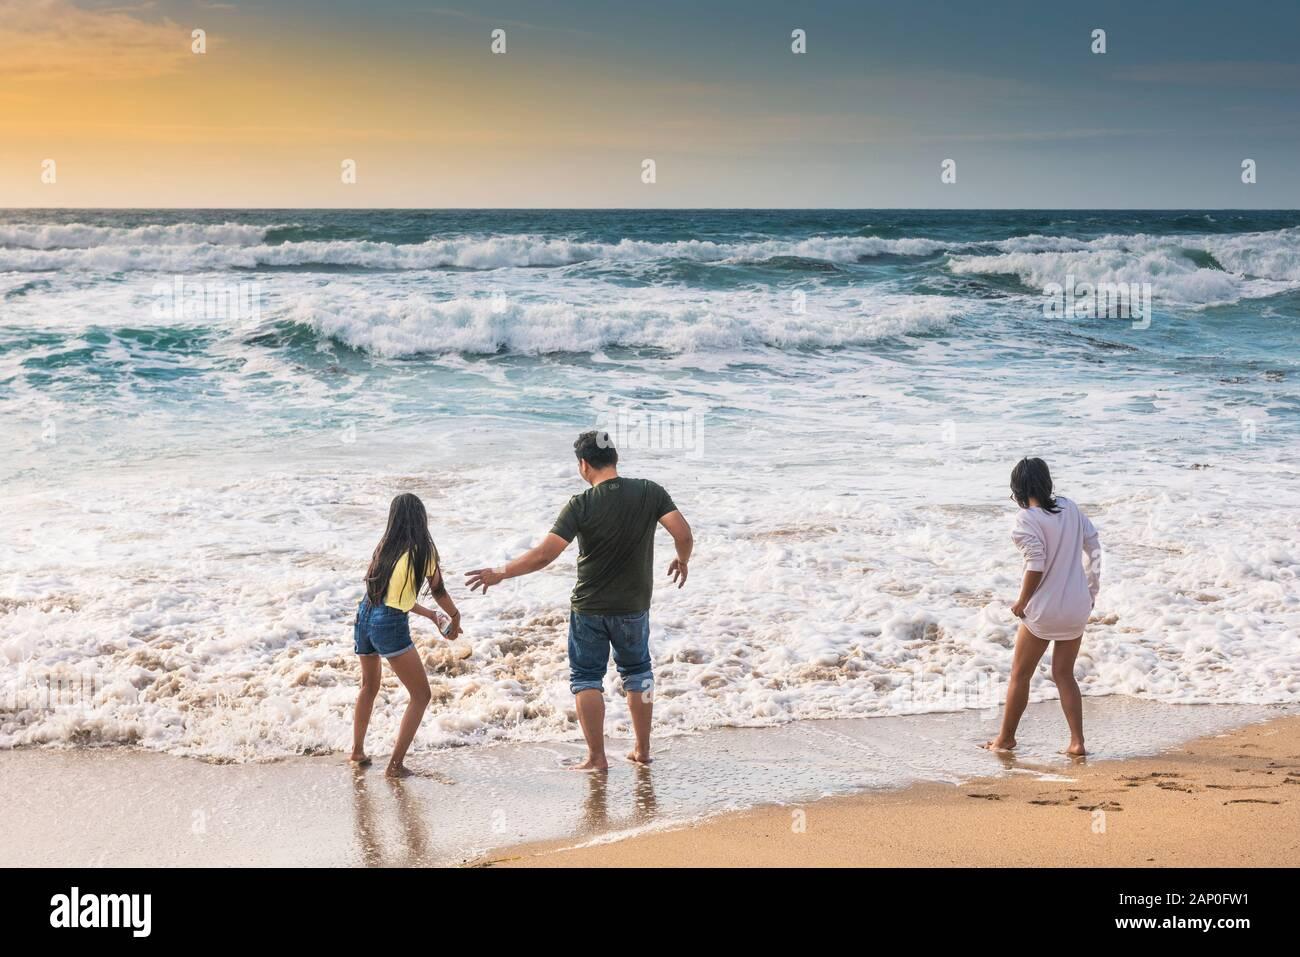 Les vacanciers s'amusant sur la plage de Fistral à Newquay en Cornouailles. Banque D'Images